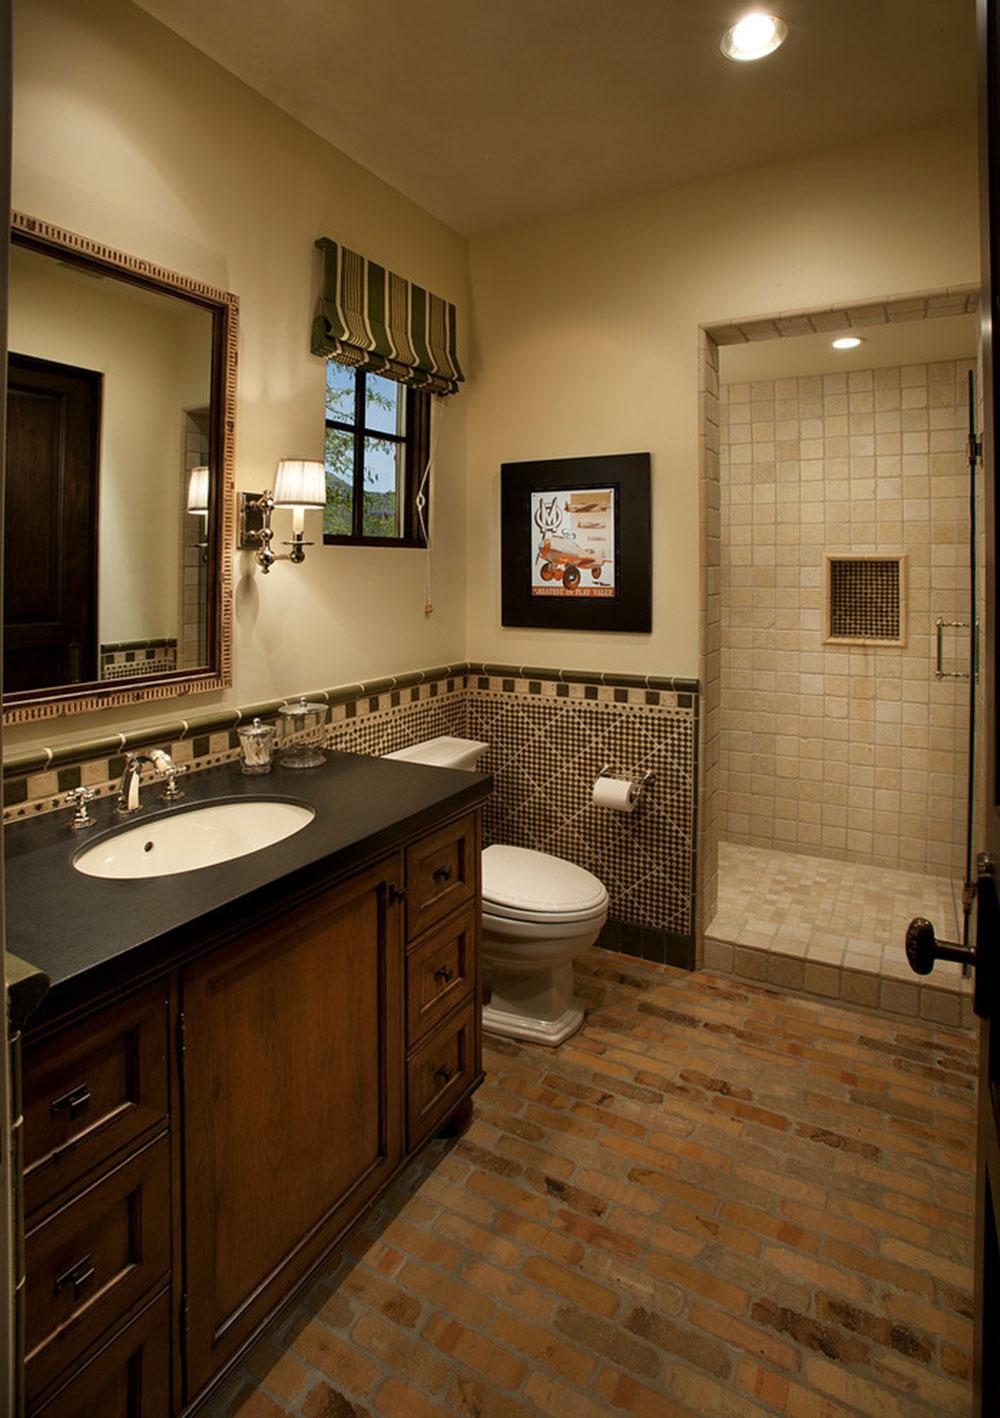 Det eleganta badrummet bör prioriteras9 Det eleganta badrummet bör prioriteras